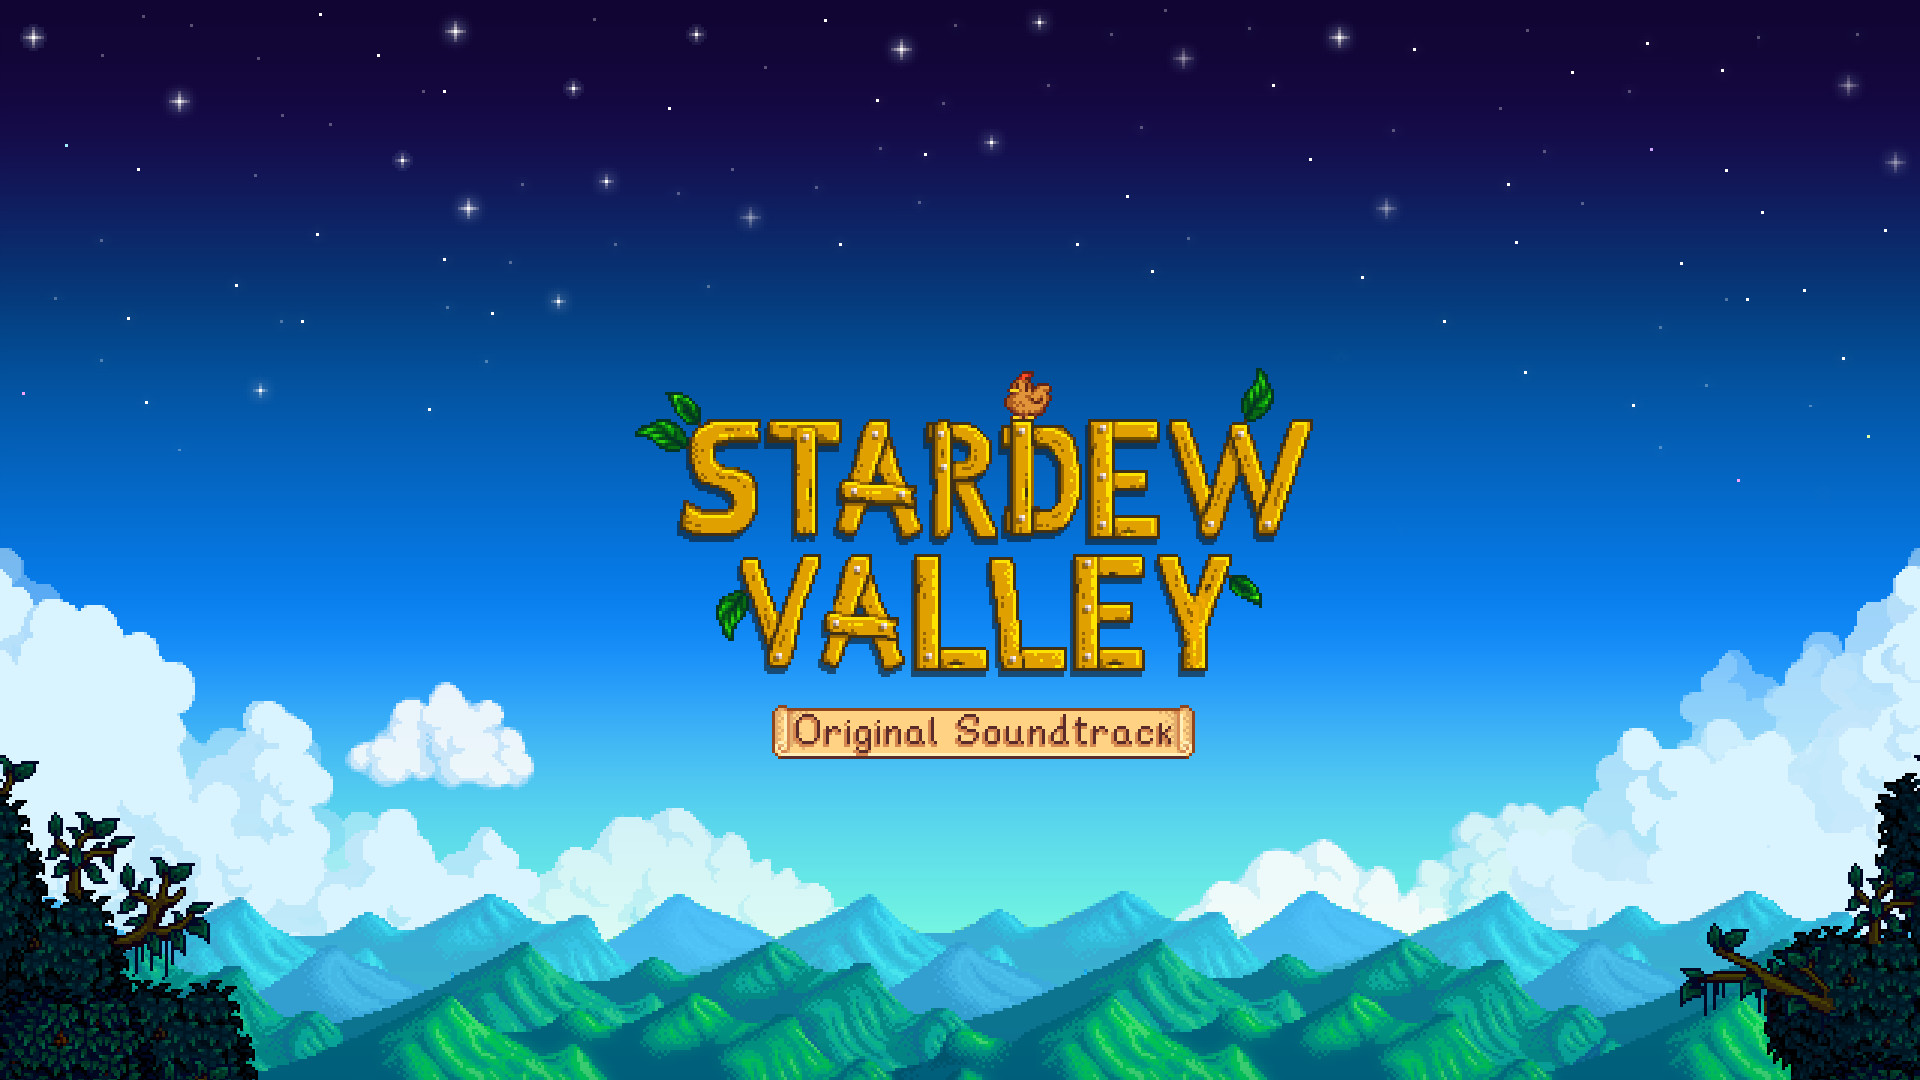 Stardew Valley on Steam